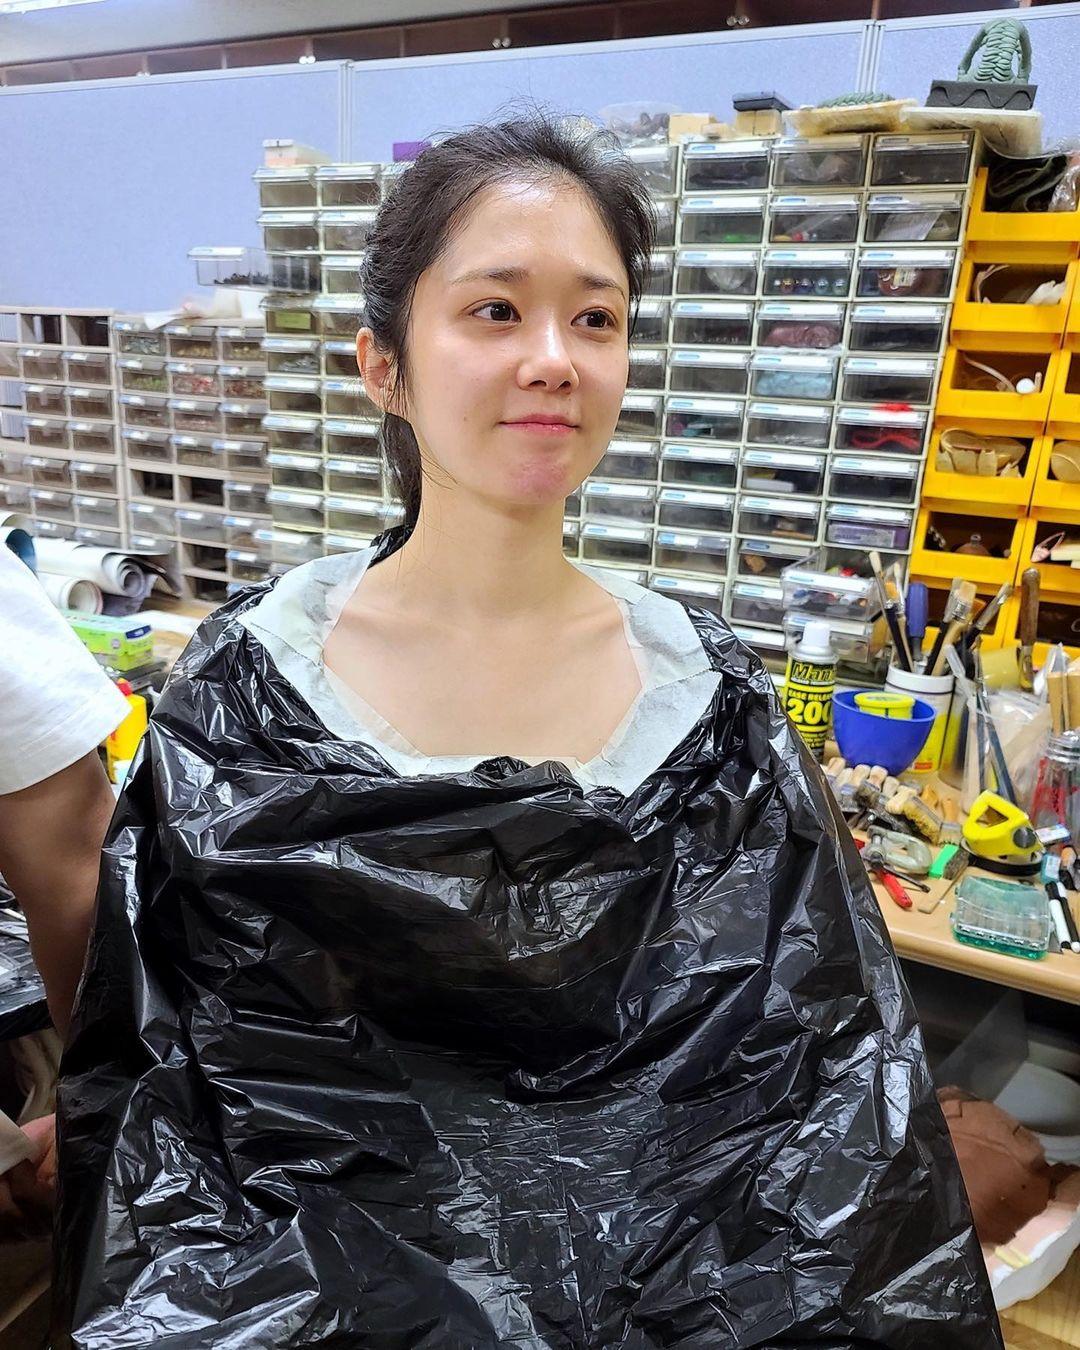 Bí thuật giúp Jang Nara trông như gái đôi mươi dù đã tứ tuần - 1